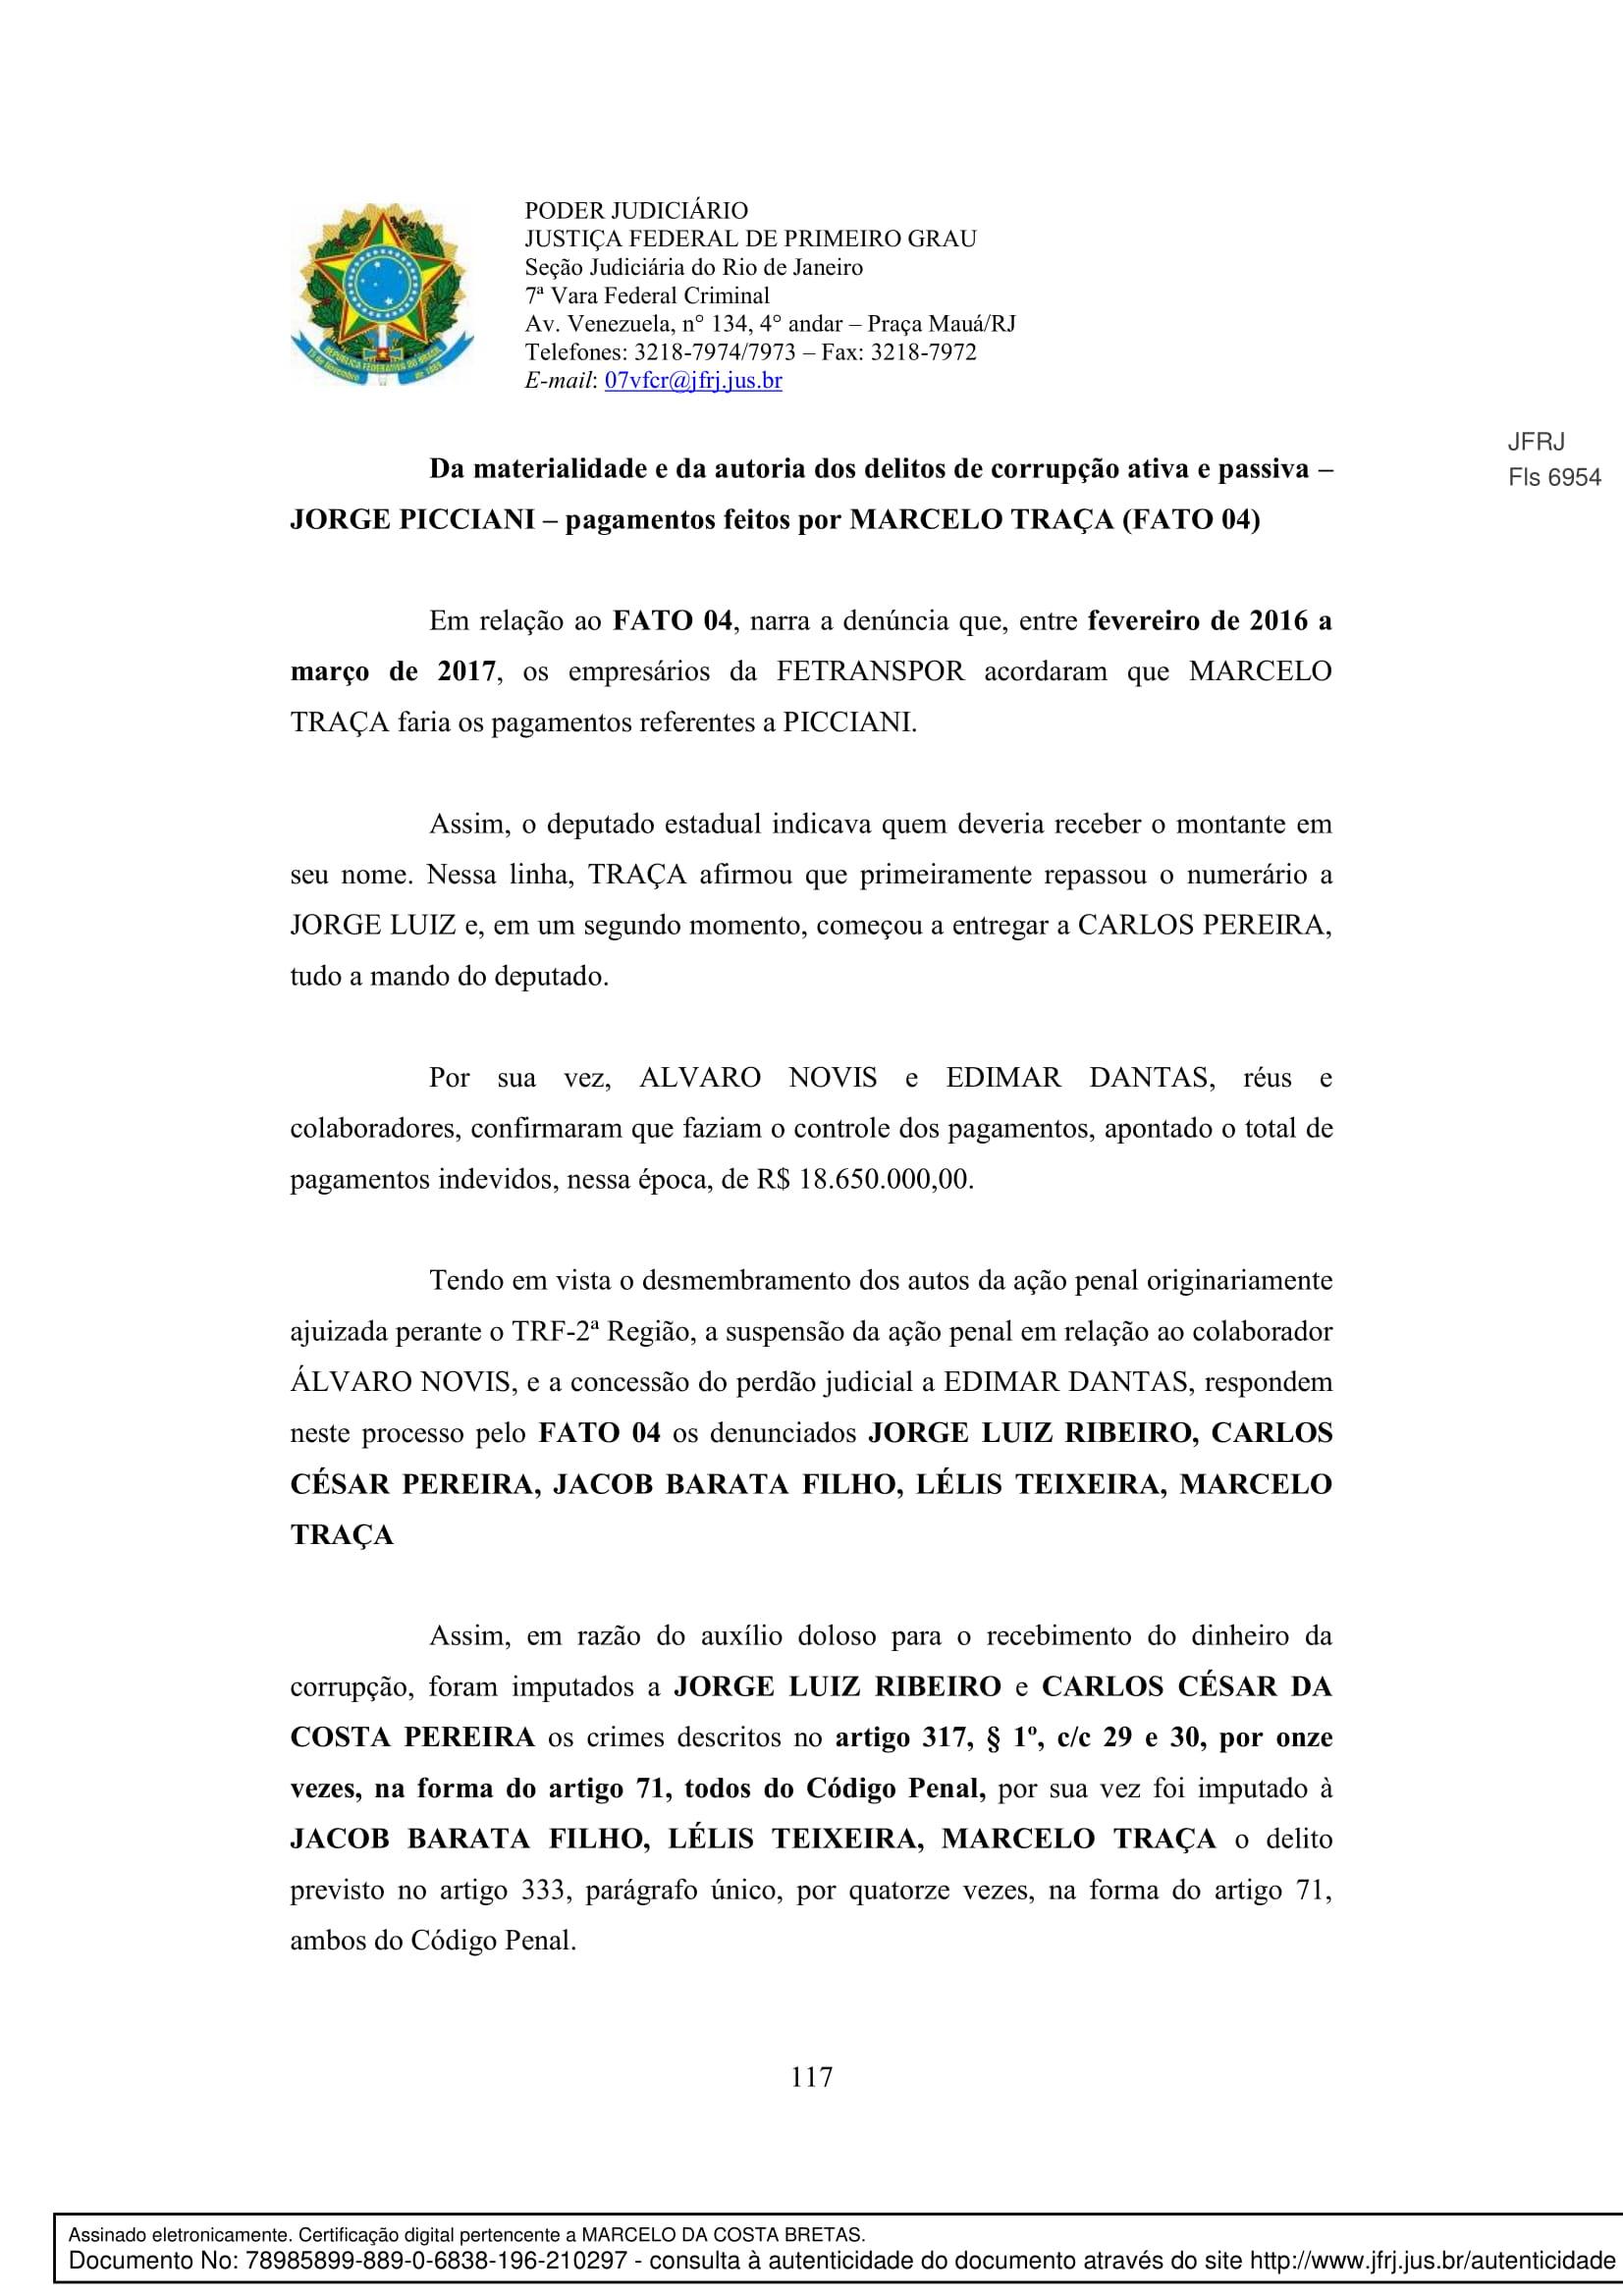 Sentenca-Cadeia-Velha-7VFC-117